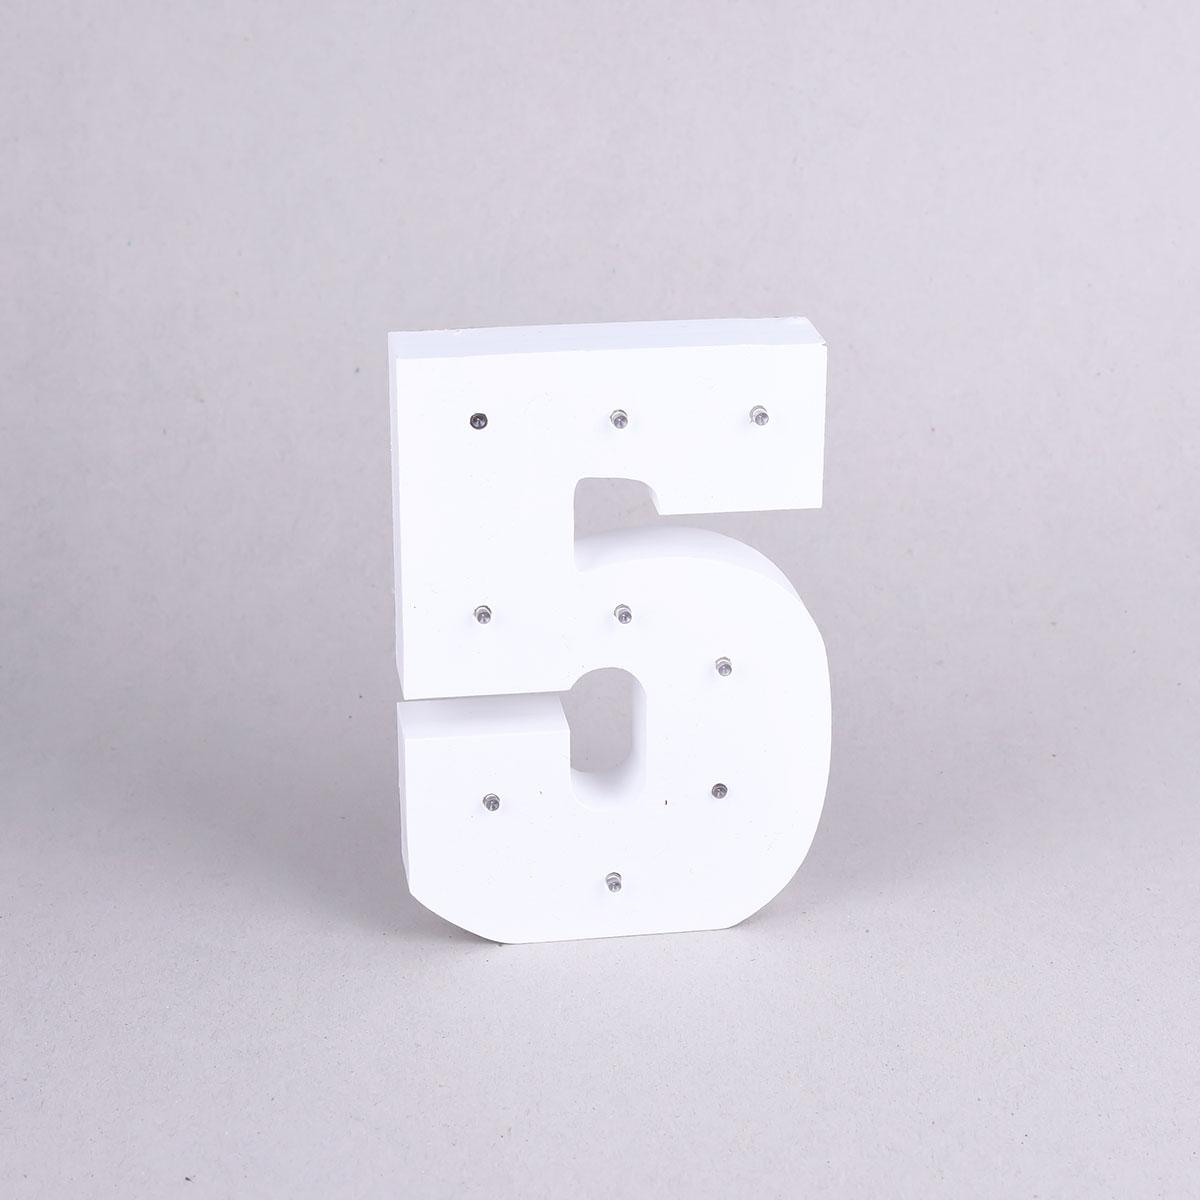 رقم خشبي مضيئ , رقم 5 , NO: YM-15446